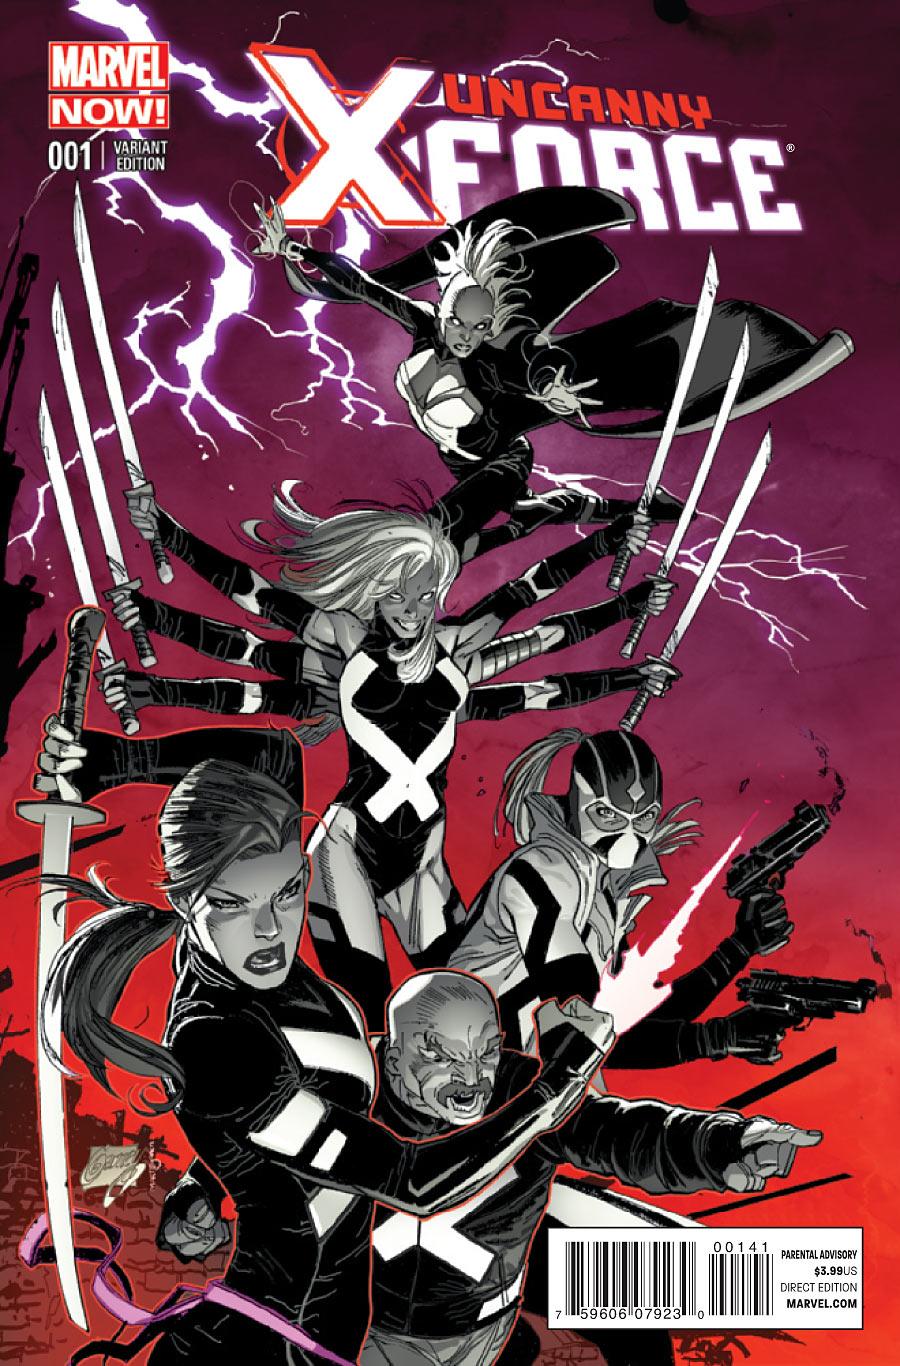 Uncanny X-Force #1. March 2013.